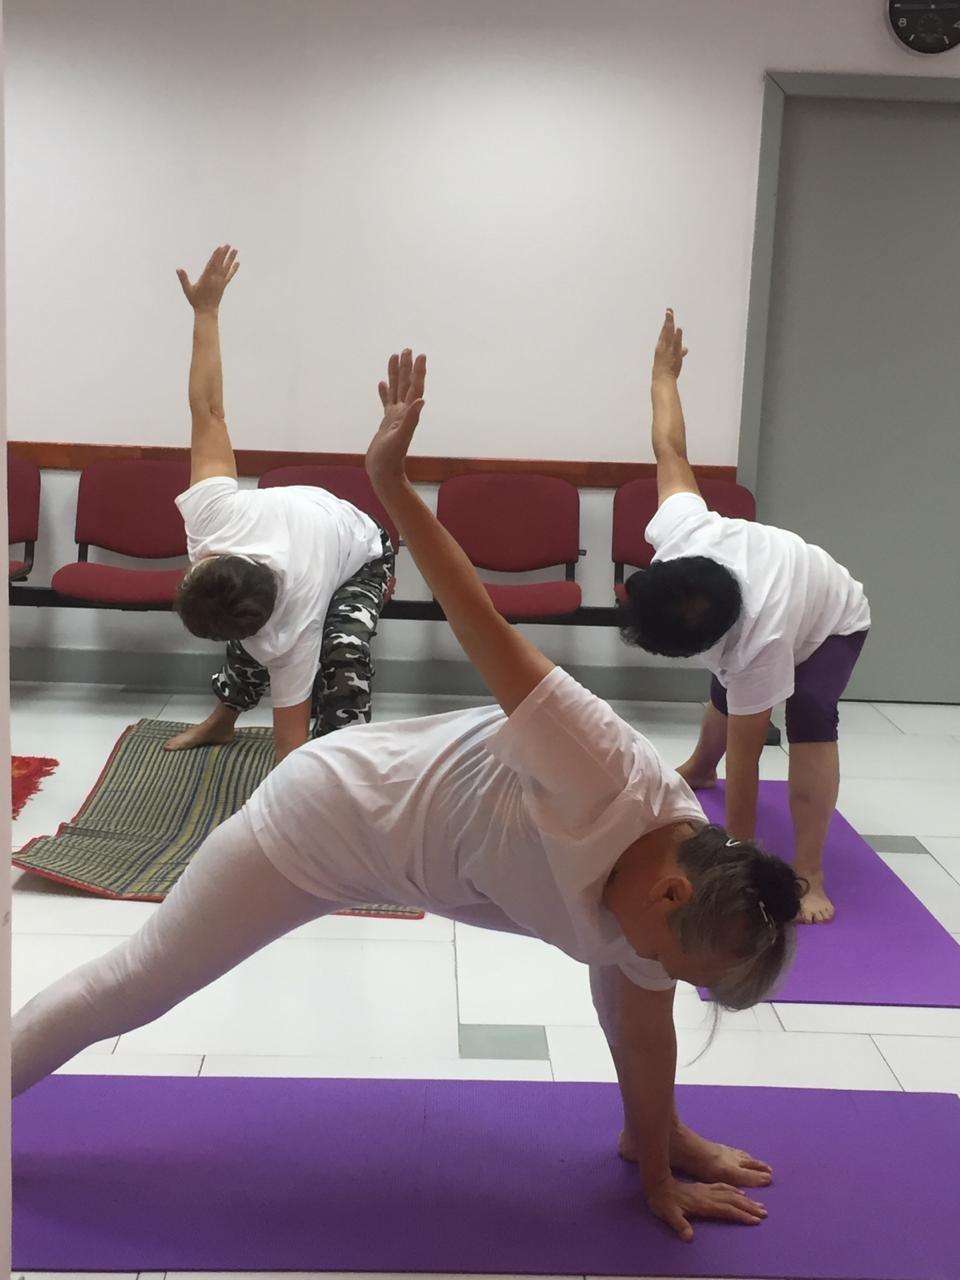 В Алматы 70-летняя пенсионерка практикует йогу, фото-1